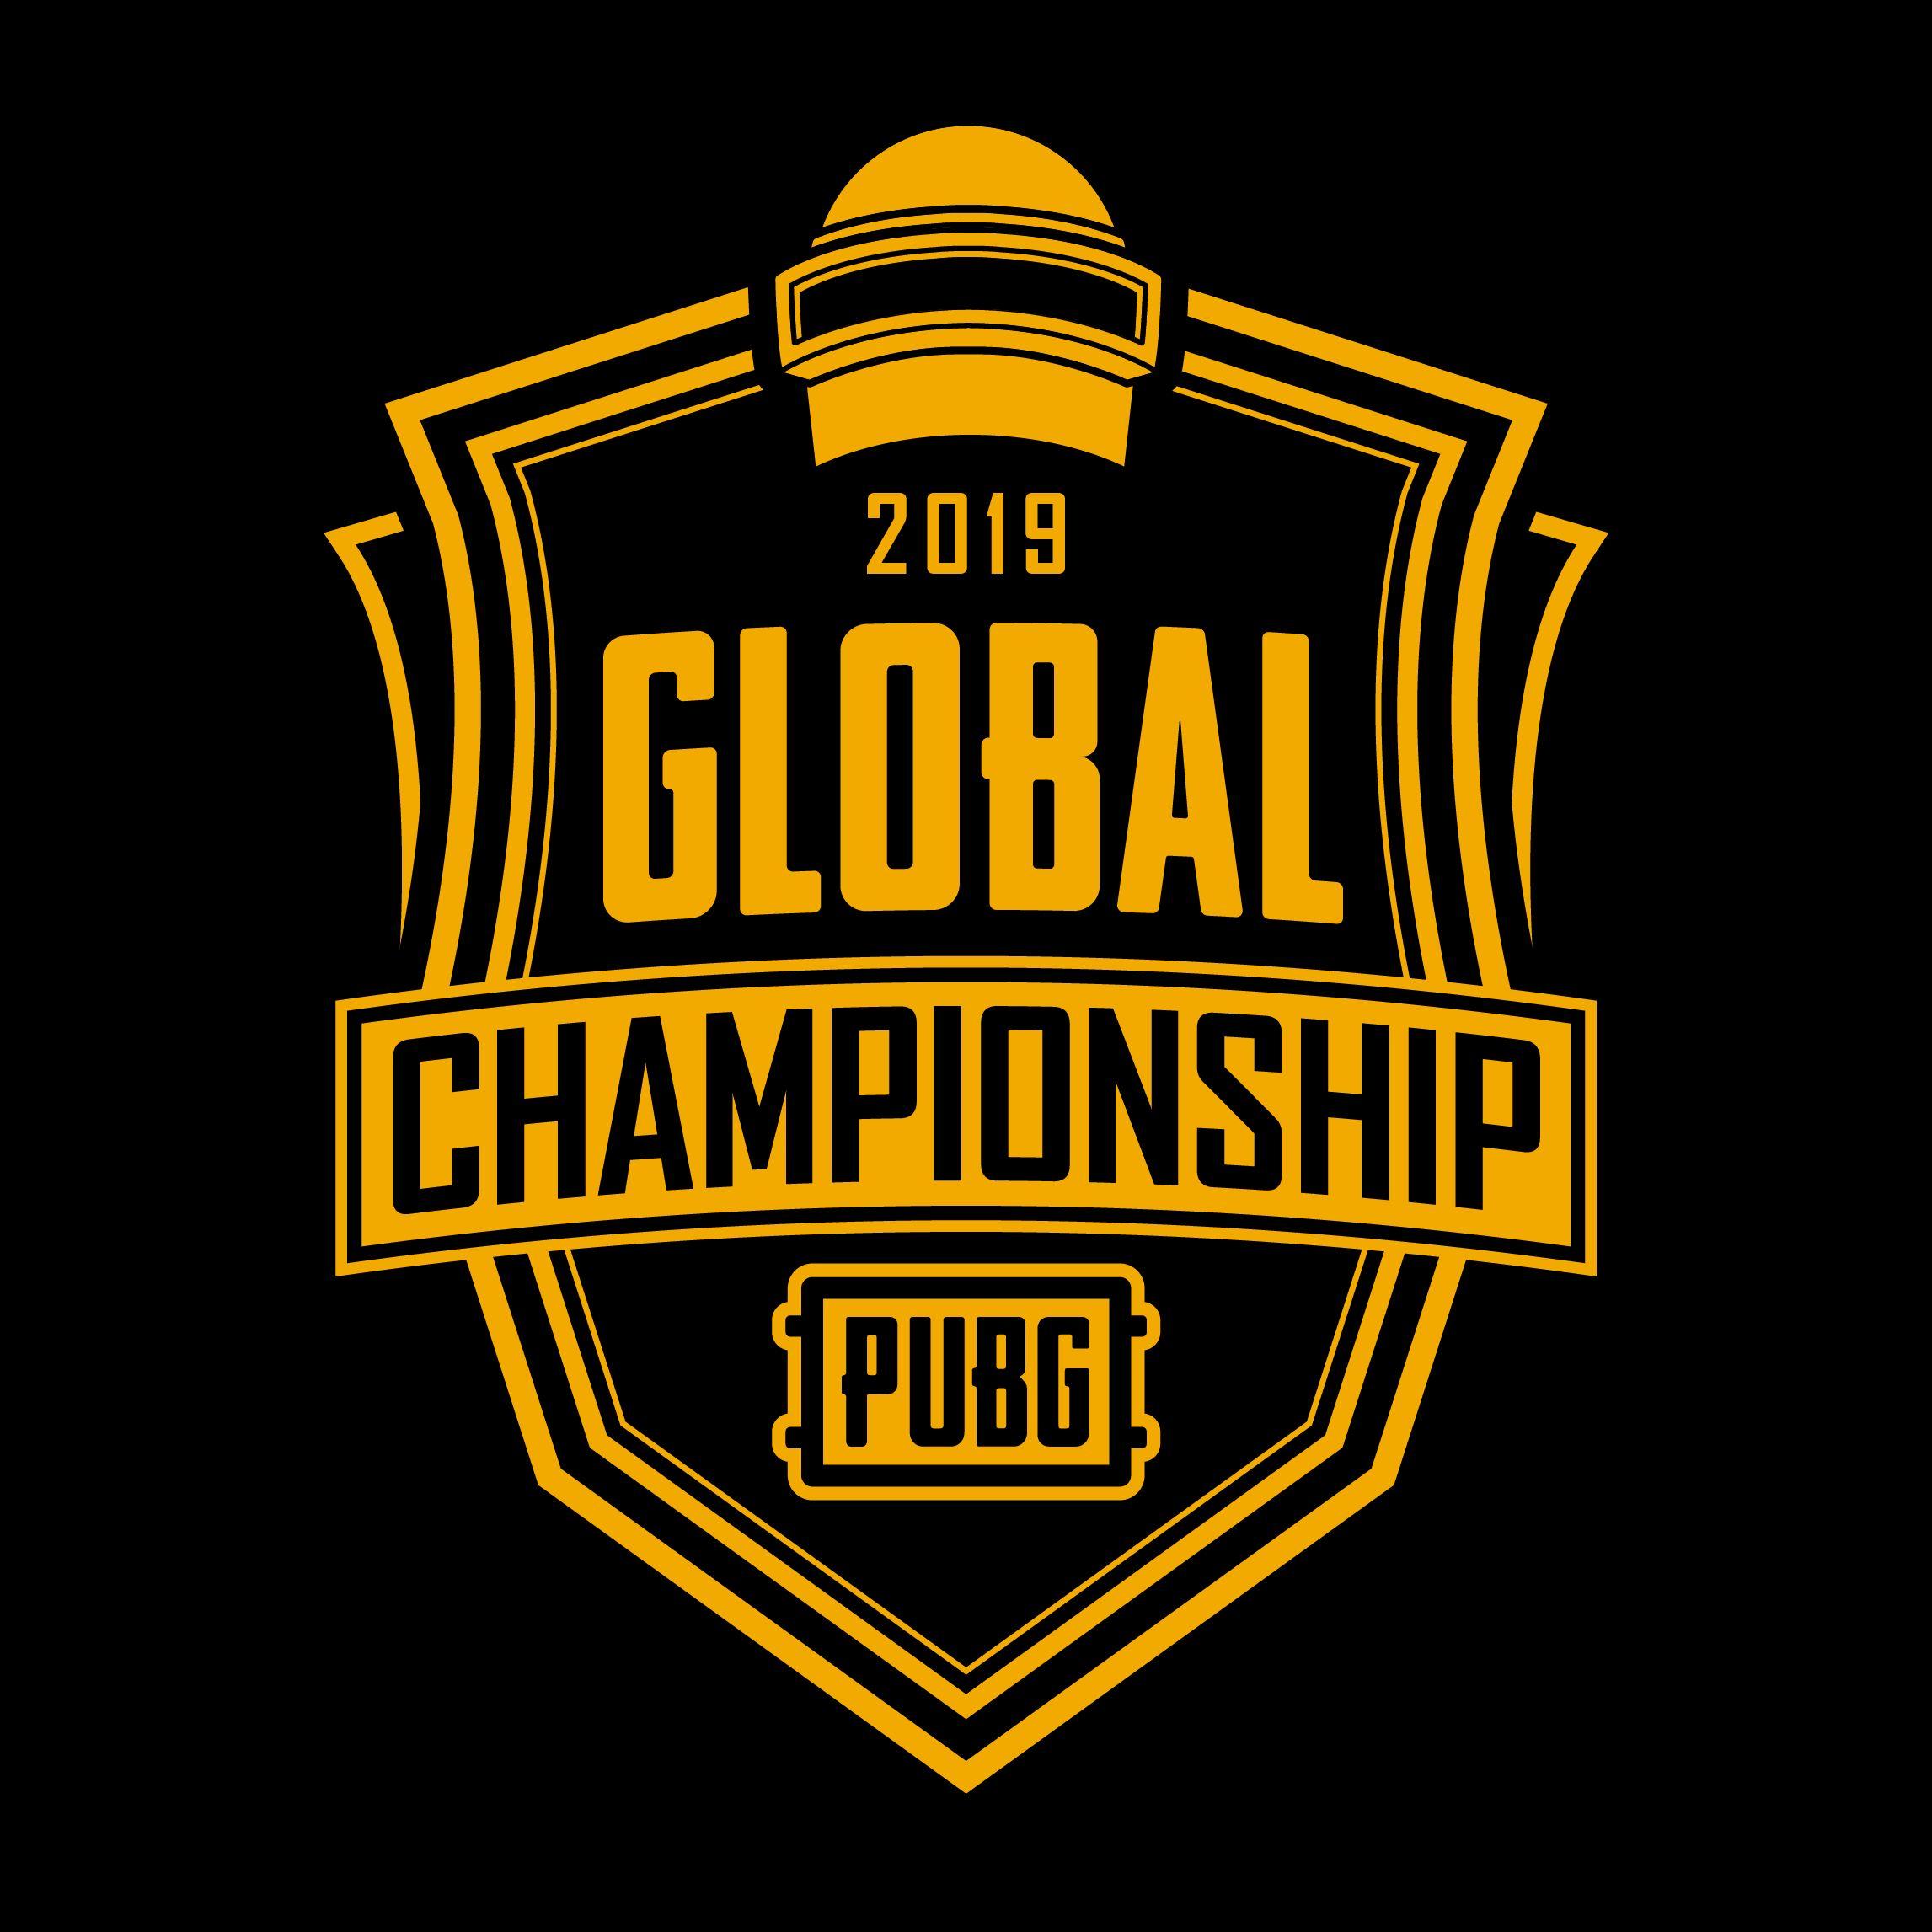 Erste Weltweite Esports Saison Fur Pubg Startet Im Januar 2019